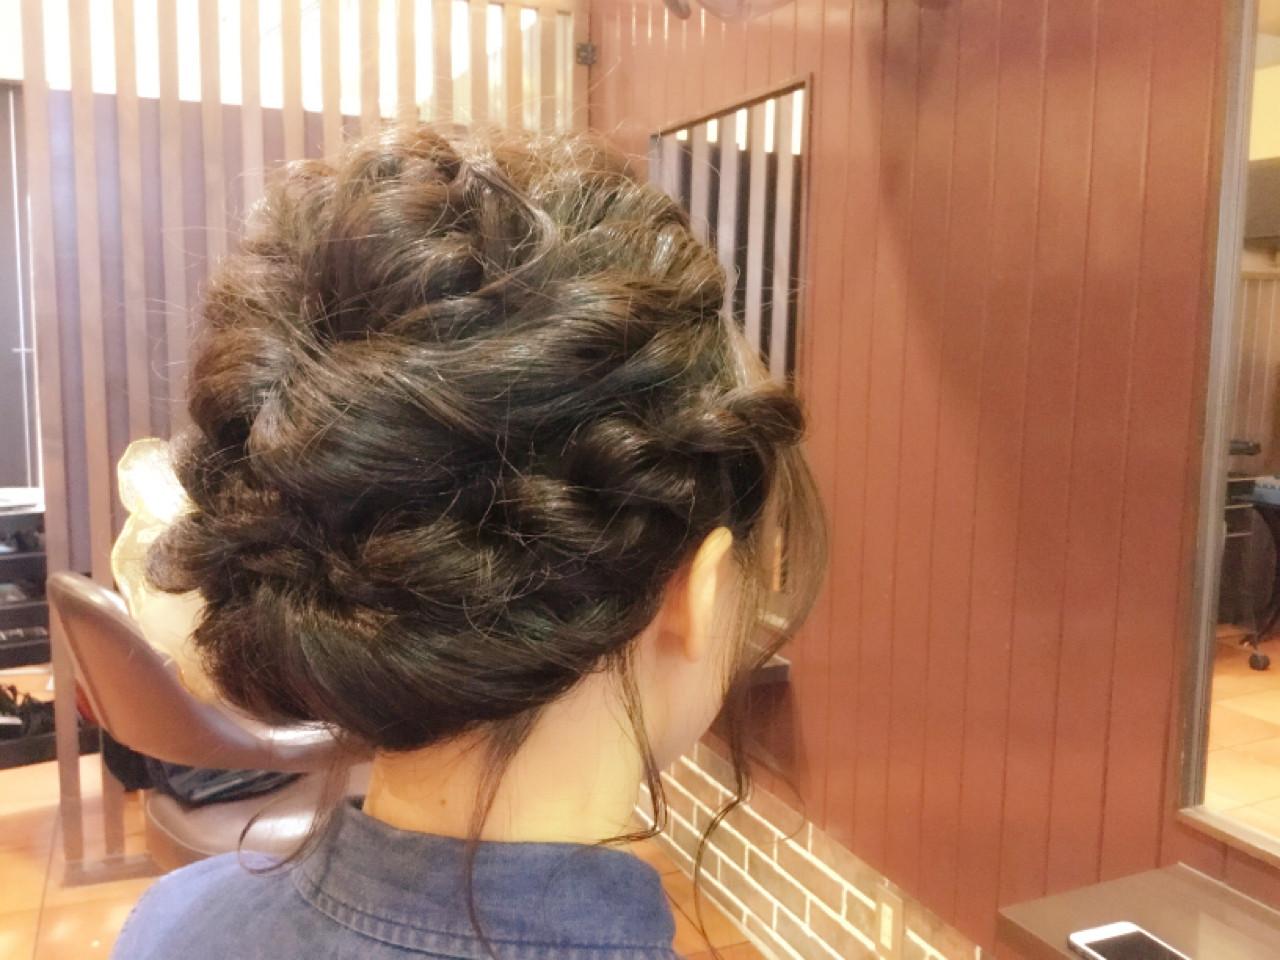 ミディアムヘア 編み込み アップ アレンジ6